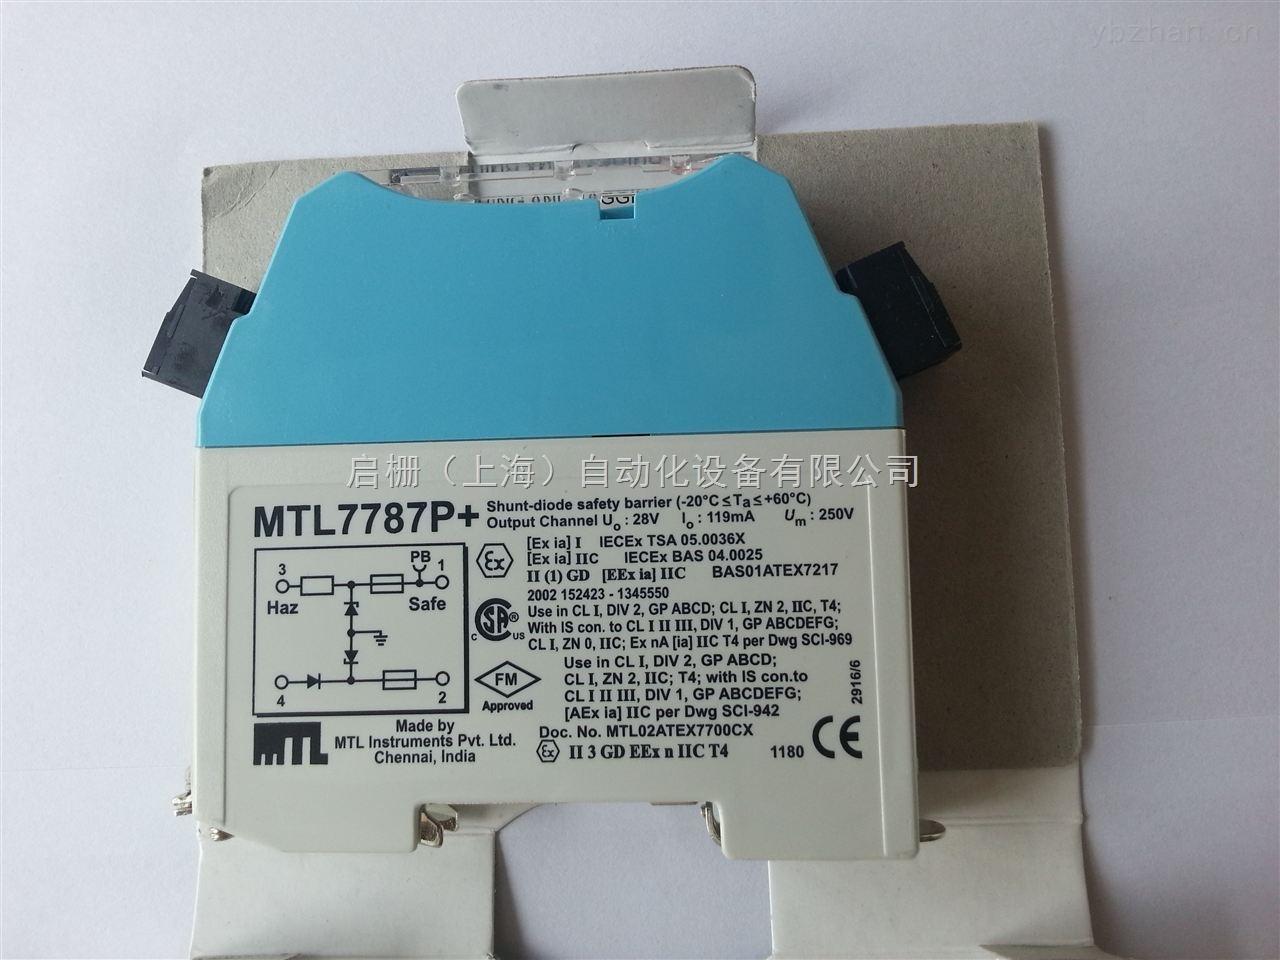 齊納式安全柵MTL7787P+